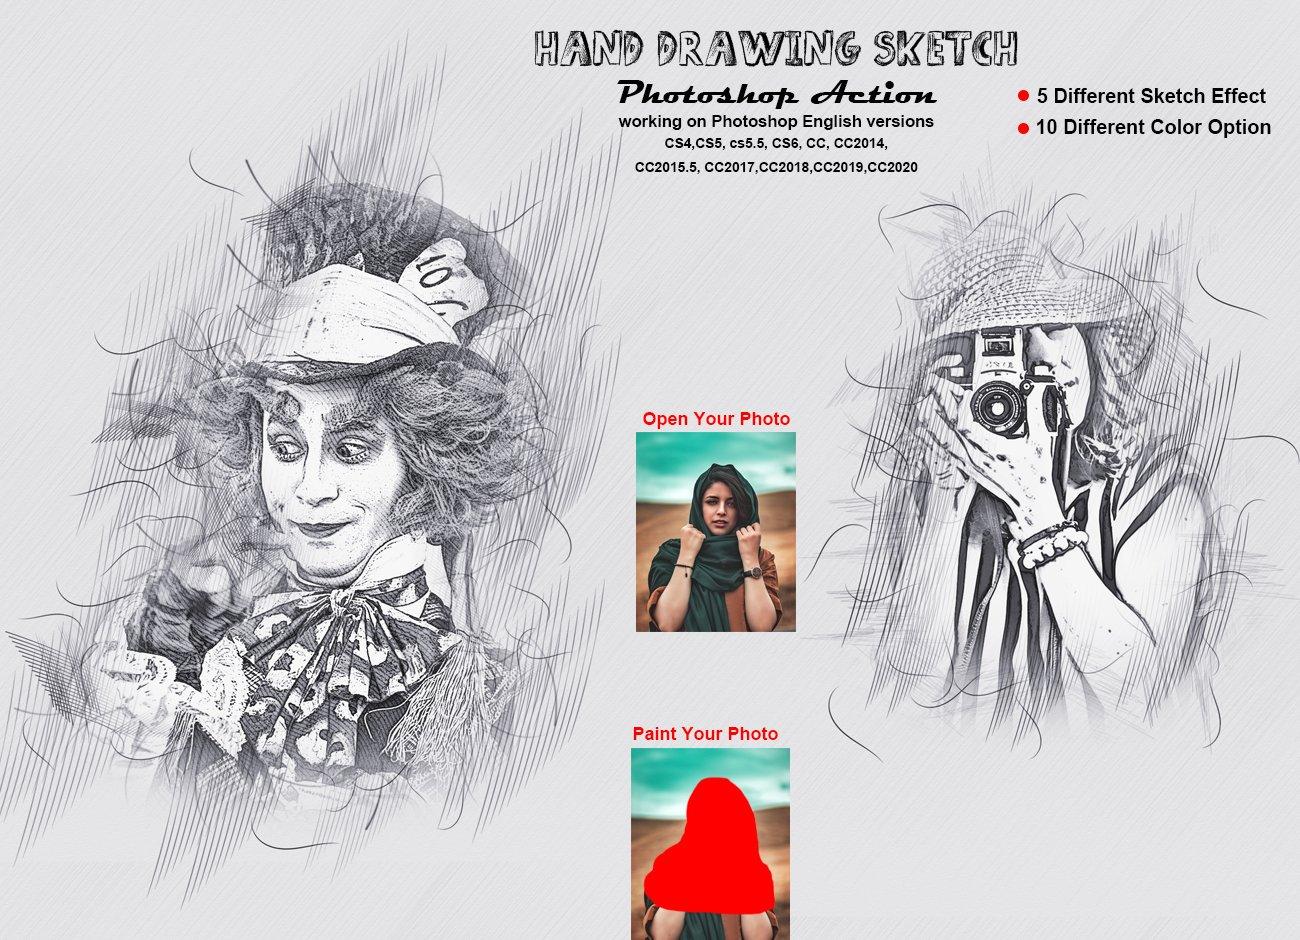 铅笔手绘素描效果照片处理特效PS动作模板 Hand Drawing Sketch Photoshop Action插图